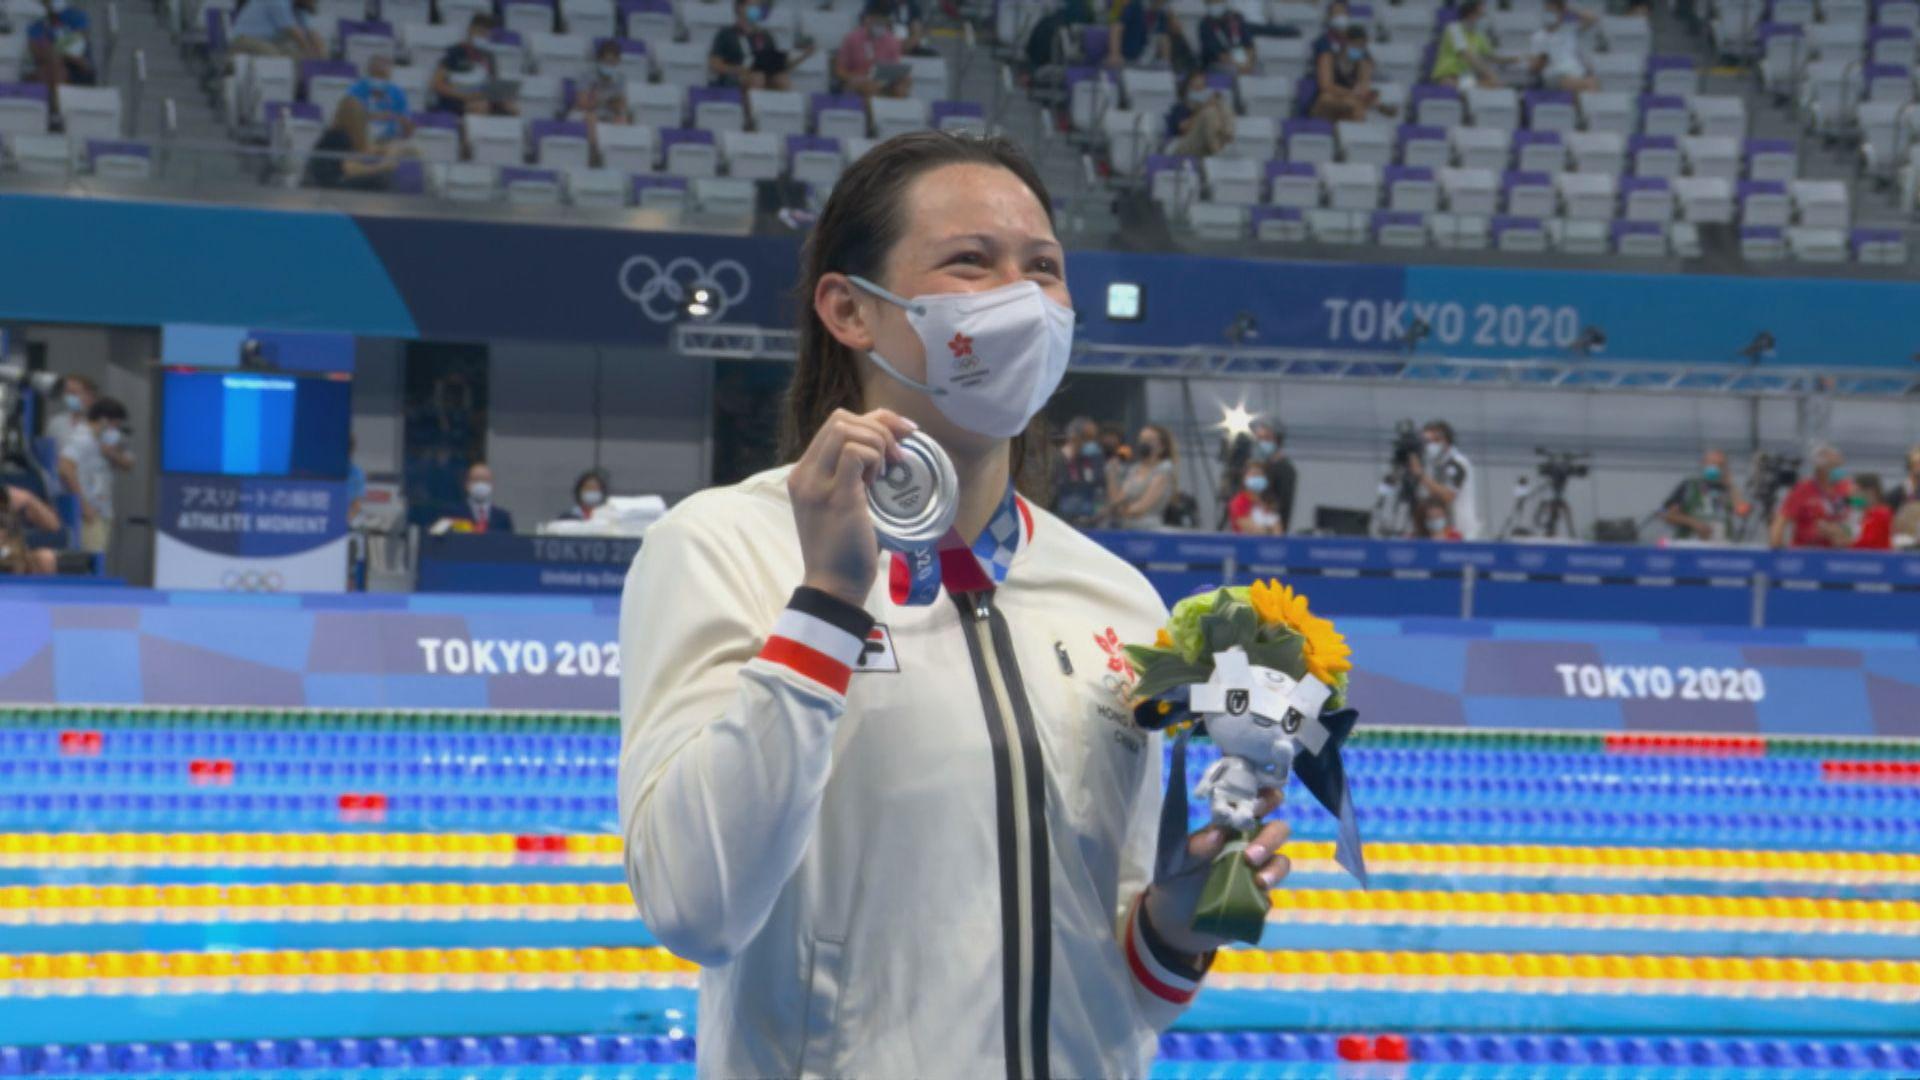 女子200米自由泳歷史性摘銀 何詩蓓:盼啟發運動員不要放棄